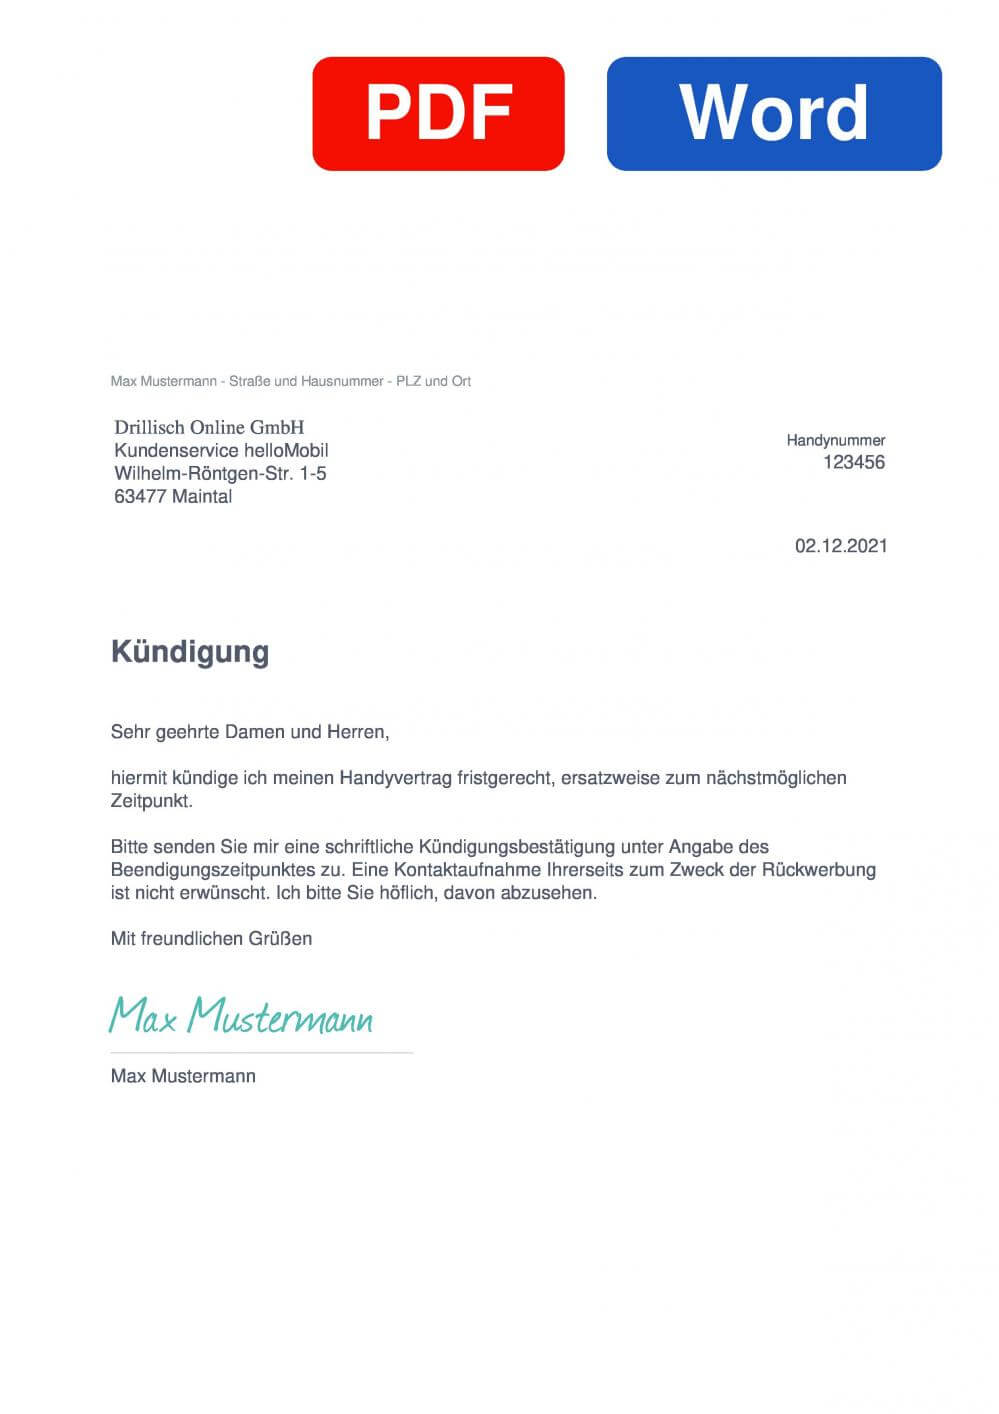 helloMobil Muster Vorlage für Kündigungsschreiben